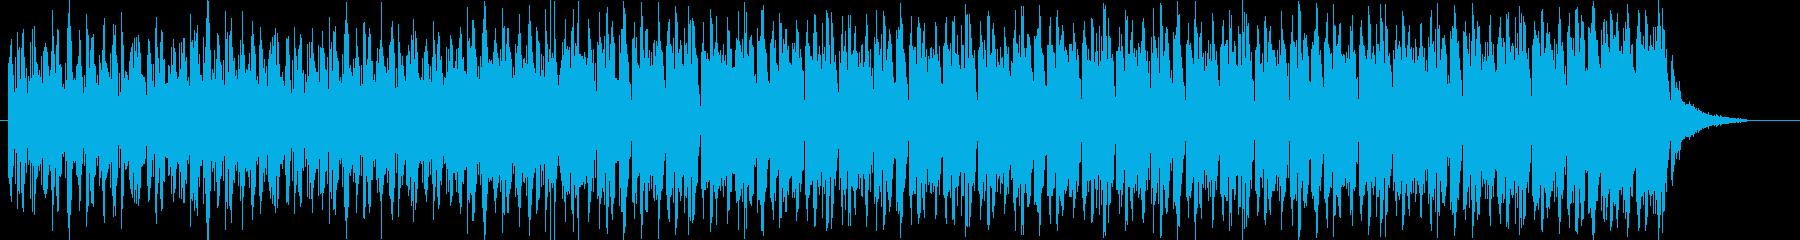 エレクトロ風のBGMの再生済みの波形